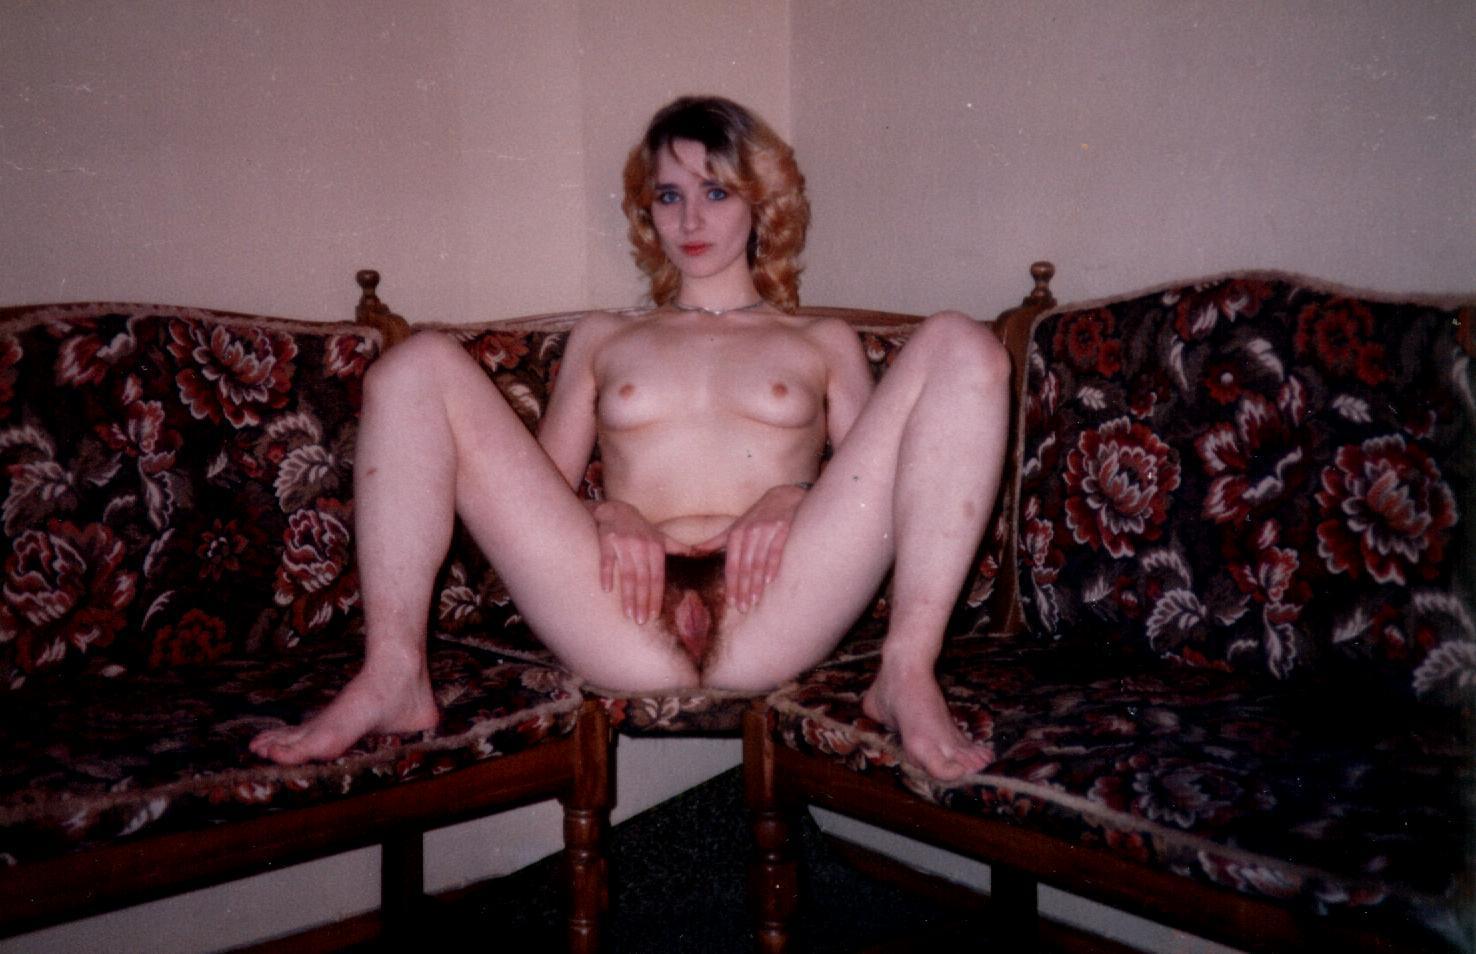 Частное порно фото девушек 90х, Интимные снимки из 90х от незамужних барышень - секс 7 фотография